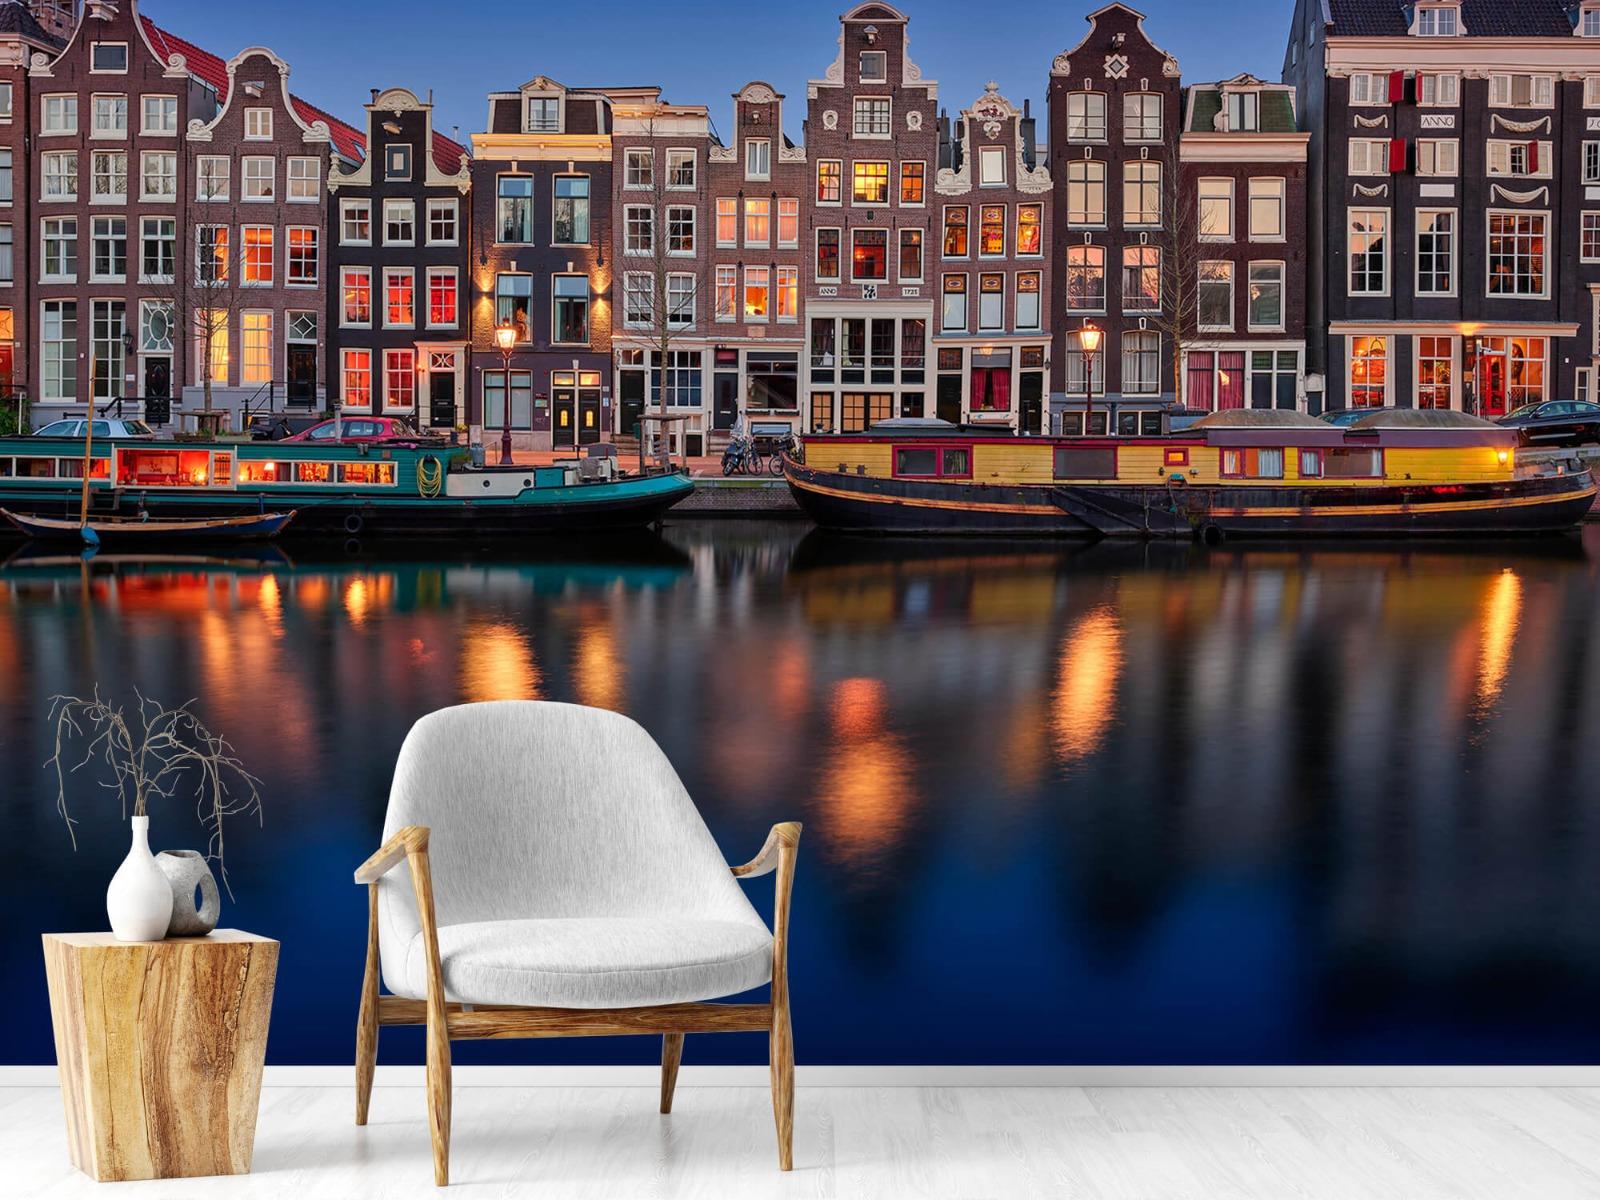 Architectuur - Grachtenpanden Amsterdam - Tienerkamer 18